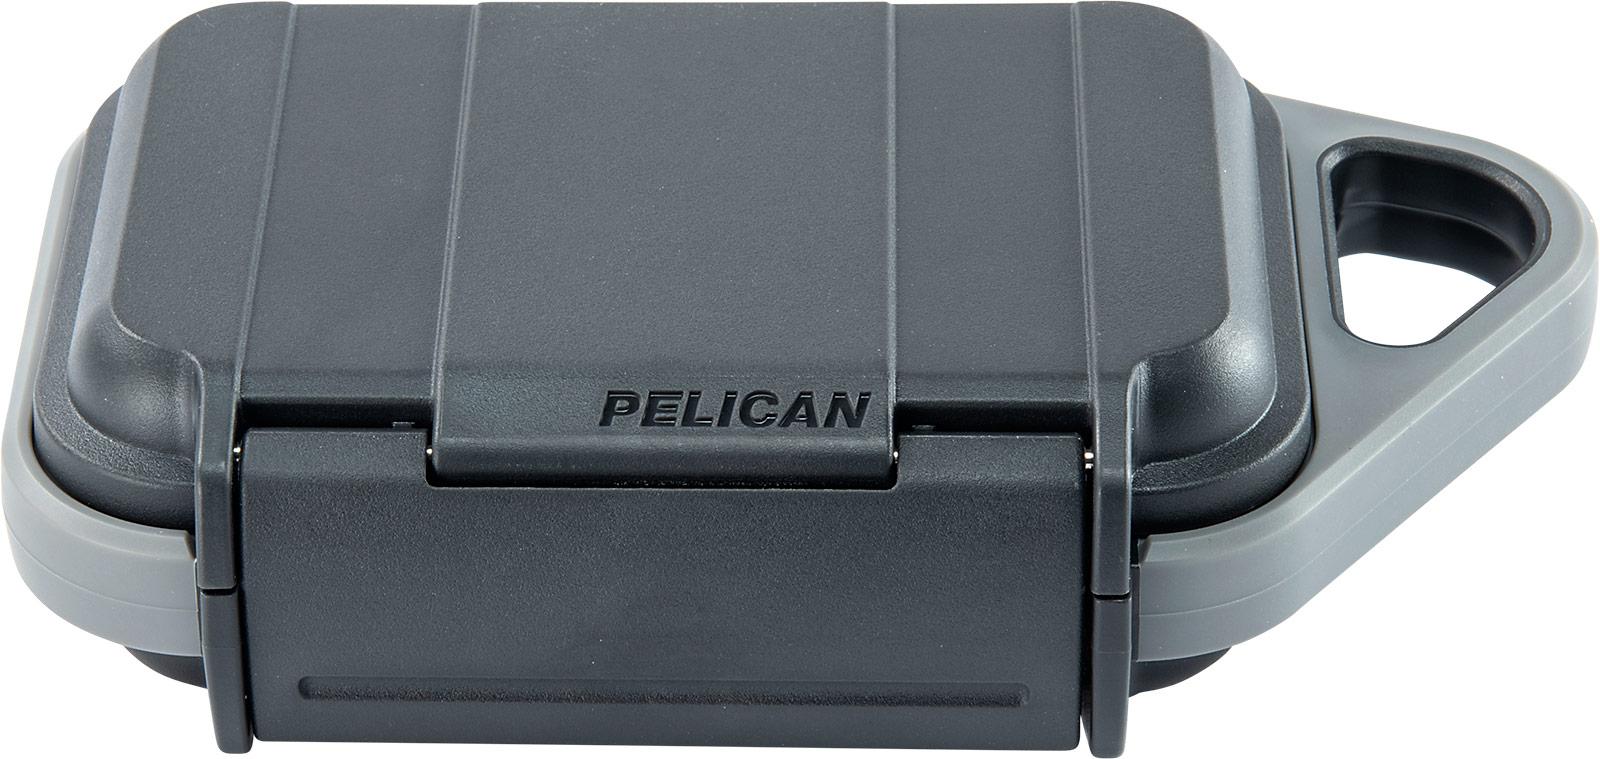 pelican g10 micro small go case g10